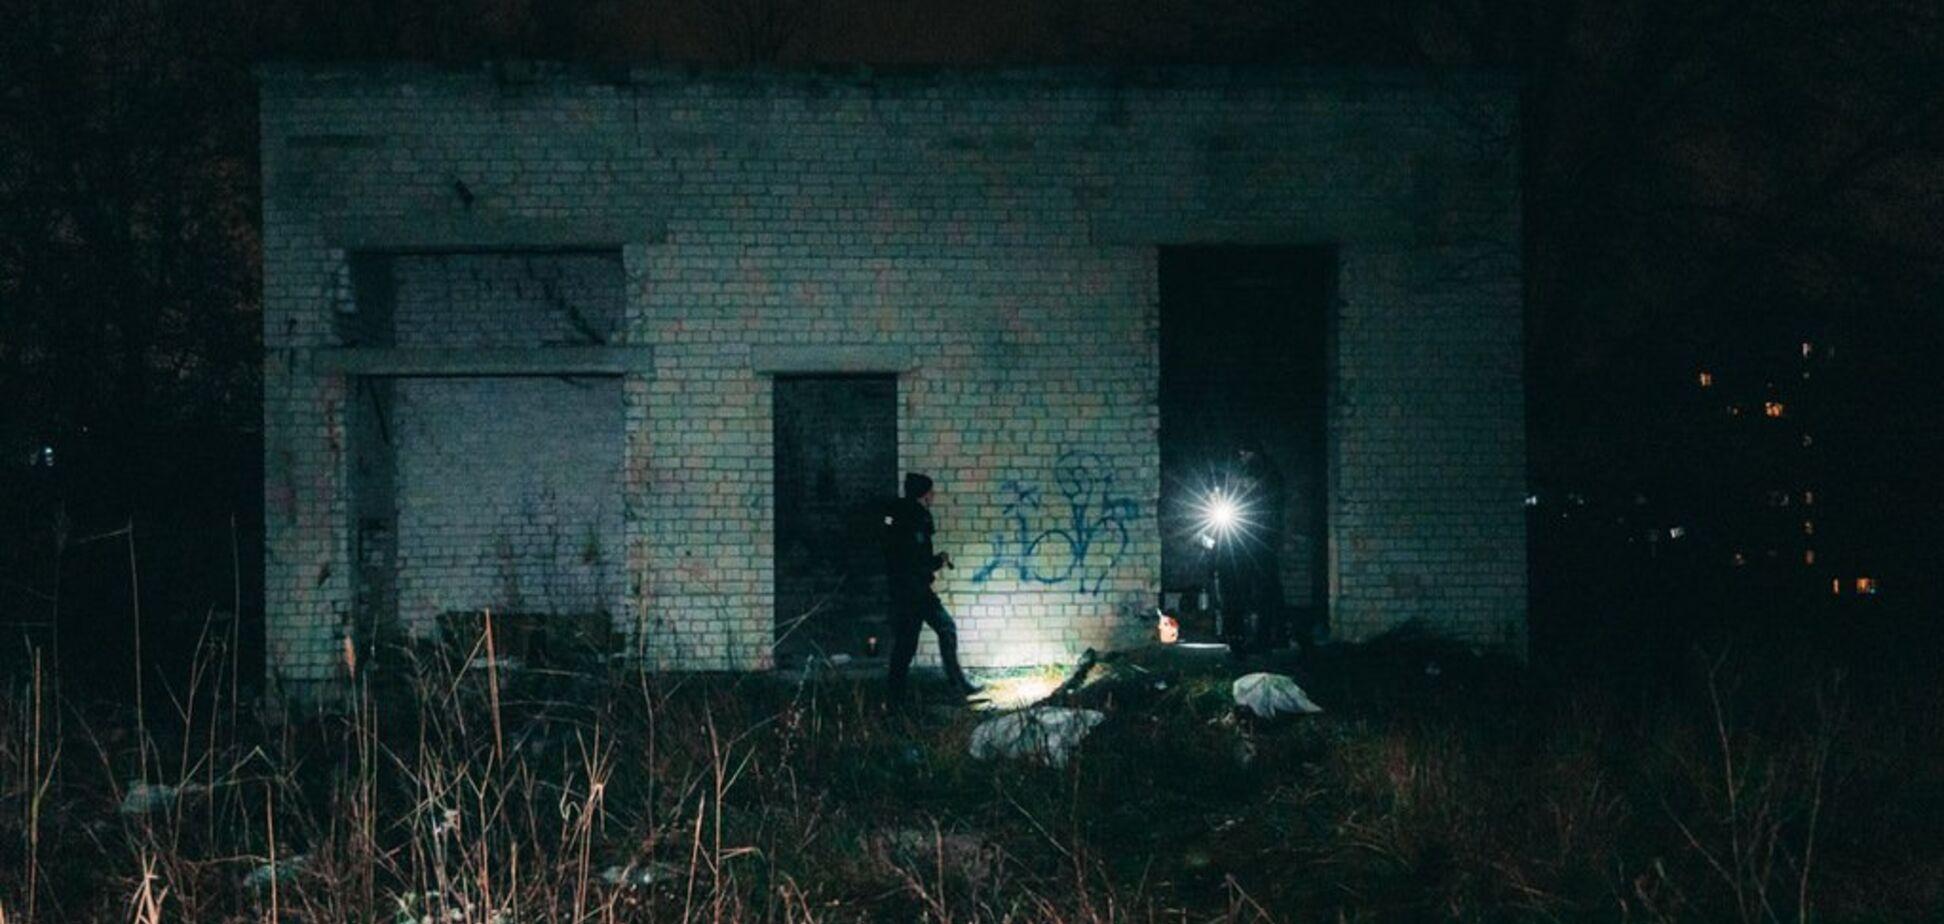 У Дніпрі біля школи знайшли два трупи: подробиці